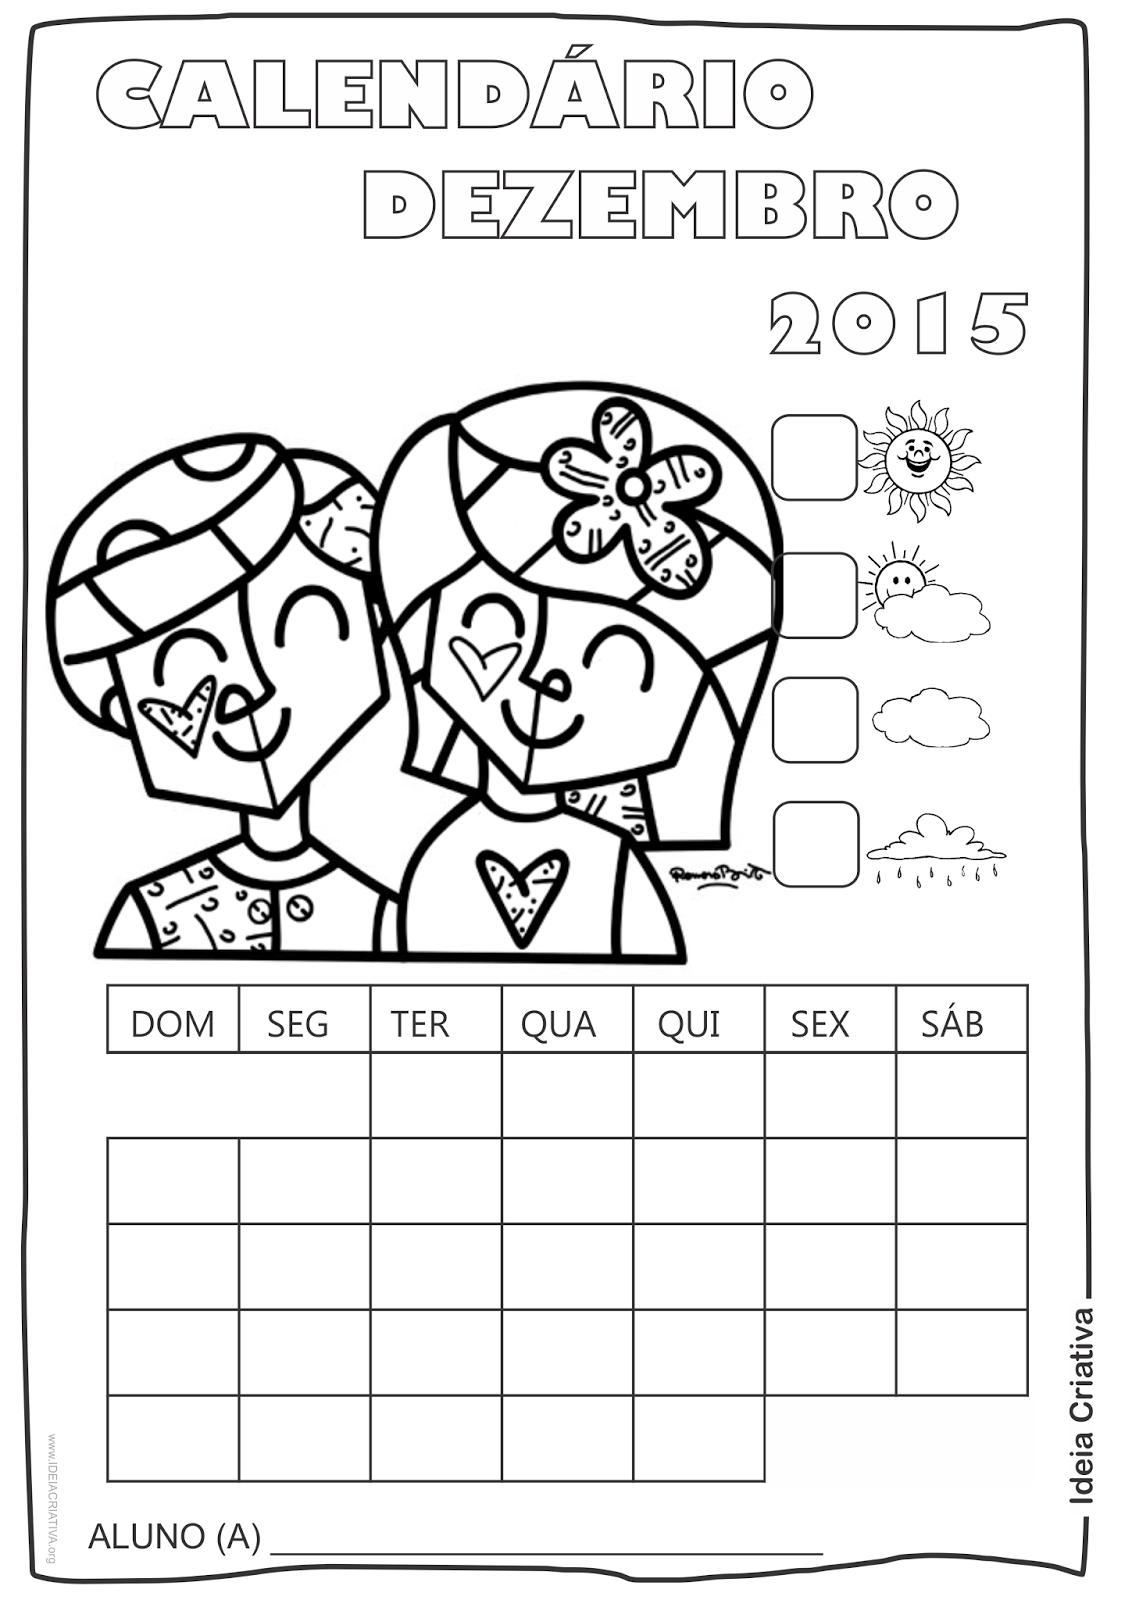 Calendário Dezembro  2015 com Desenho Crianças  de Romero Britto para Colorir Sem Numeração